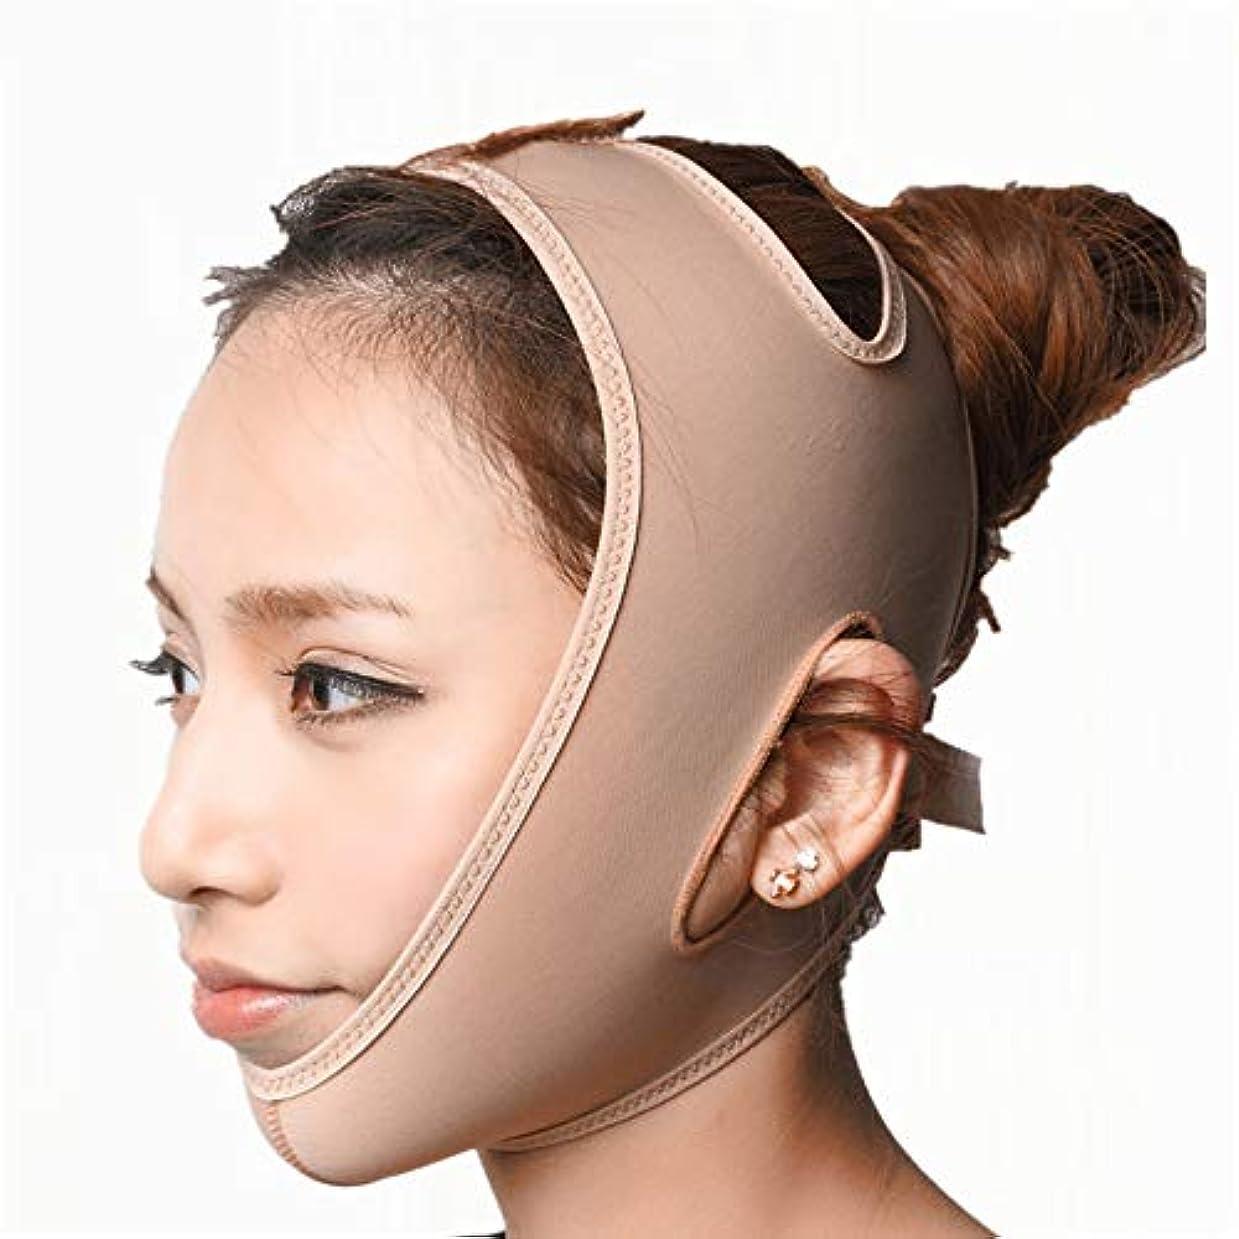 ポルノ仕出しますサスペンドXINGZHE 顔の持ち上がる痩身ベルト - アンチエイジングリンクルフェイスマスクベルトシンフェイス包帯整形マスクは顔と首を締めますフェイススリム フェイスリフティングベルト (サイズ さいず : XL)